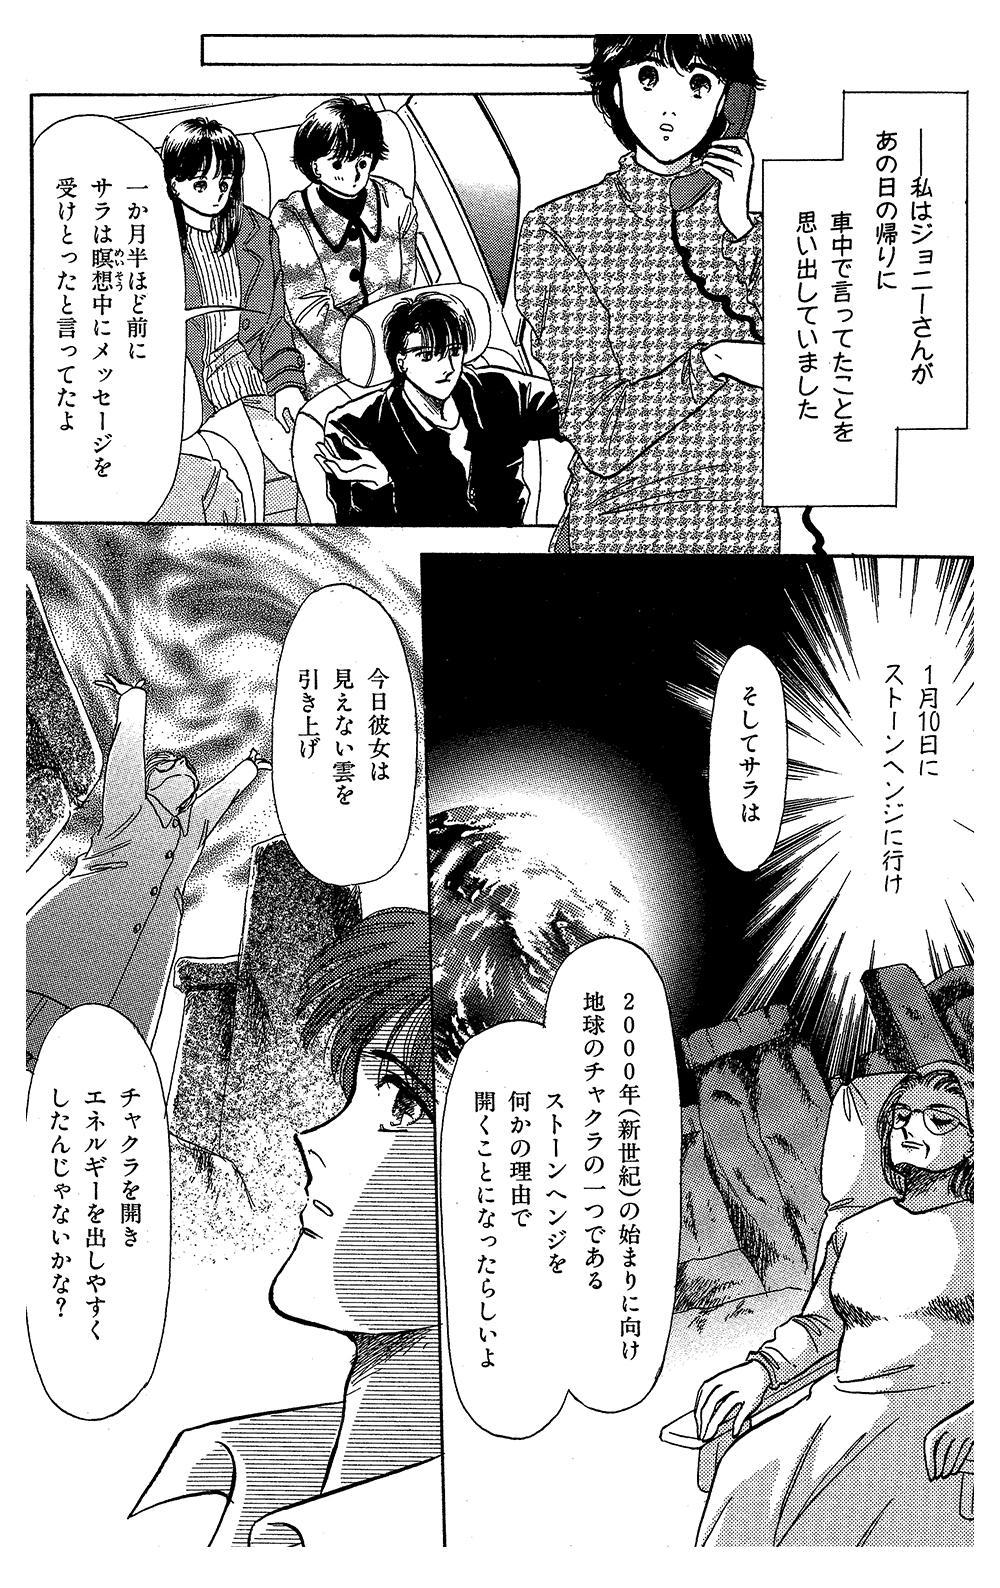 霊感ママシリーズ 第3話「英国ミステリーツアー」③reikanmama-02-94.jpg